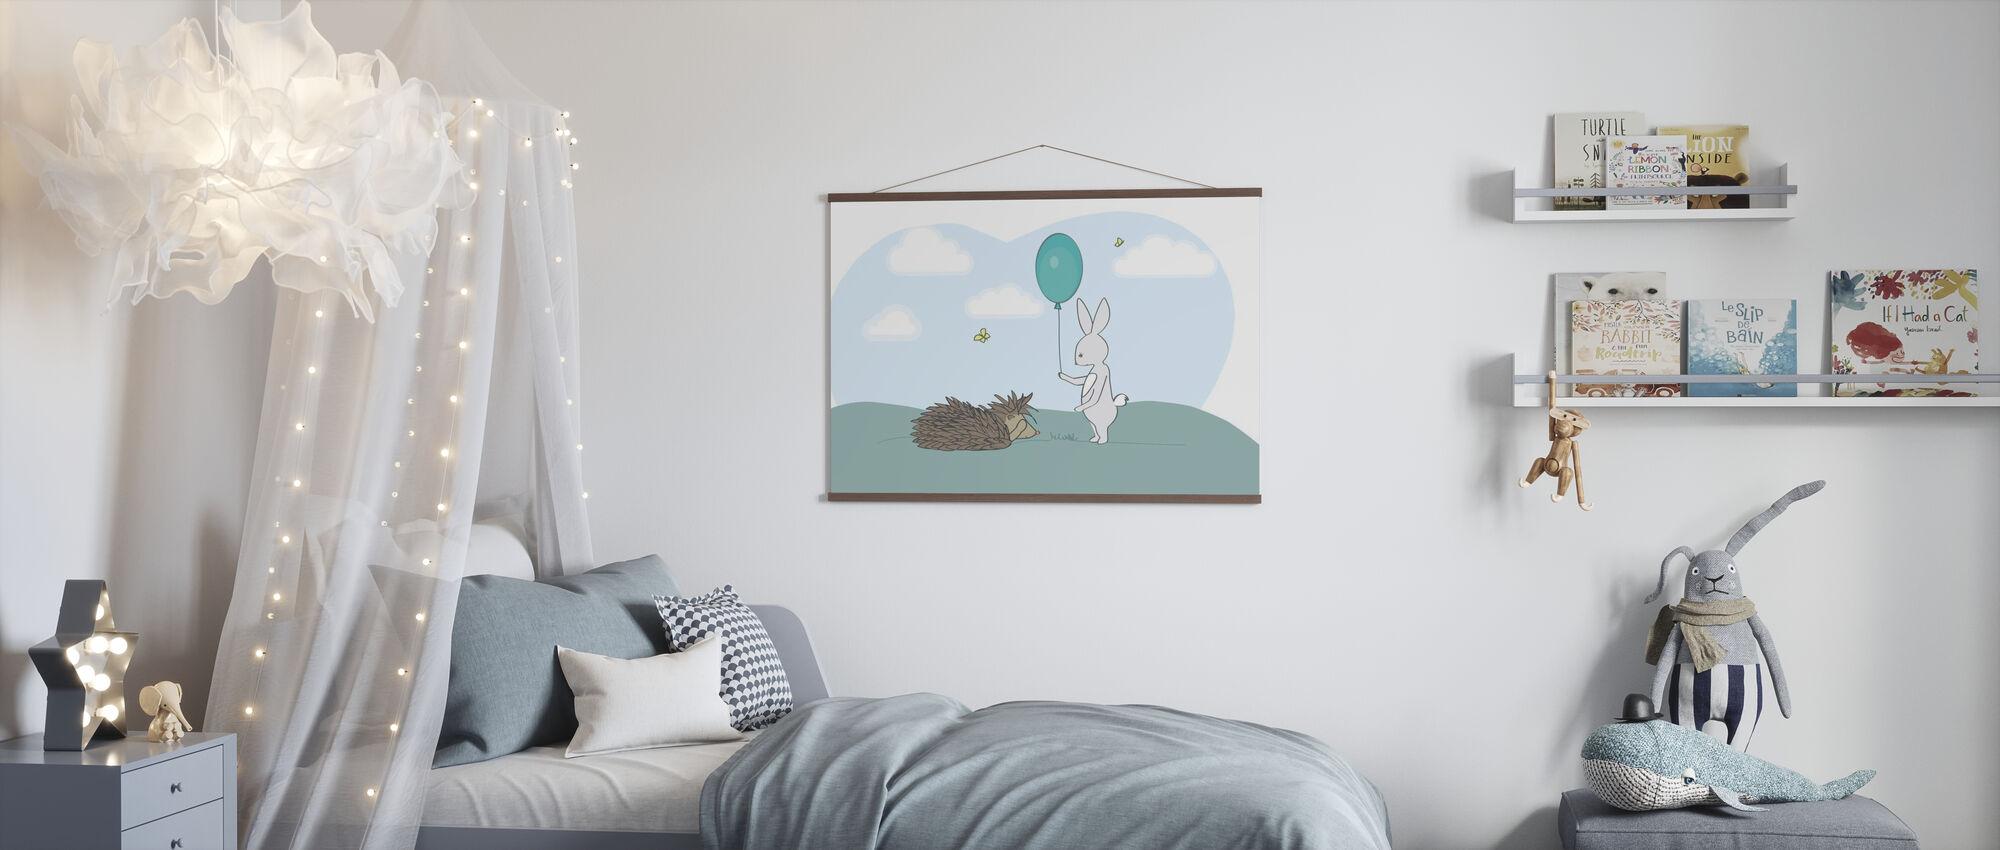 Storm en Sarah - Poster - Kinderkamer